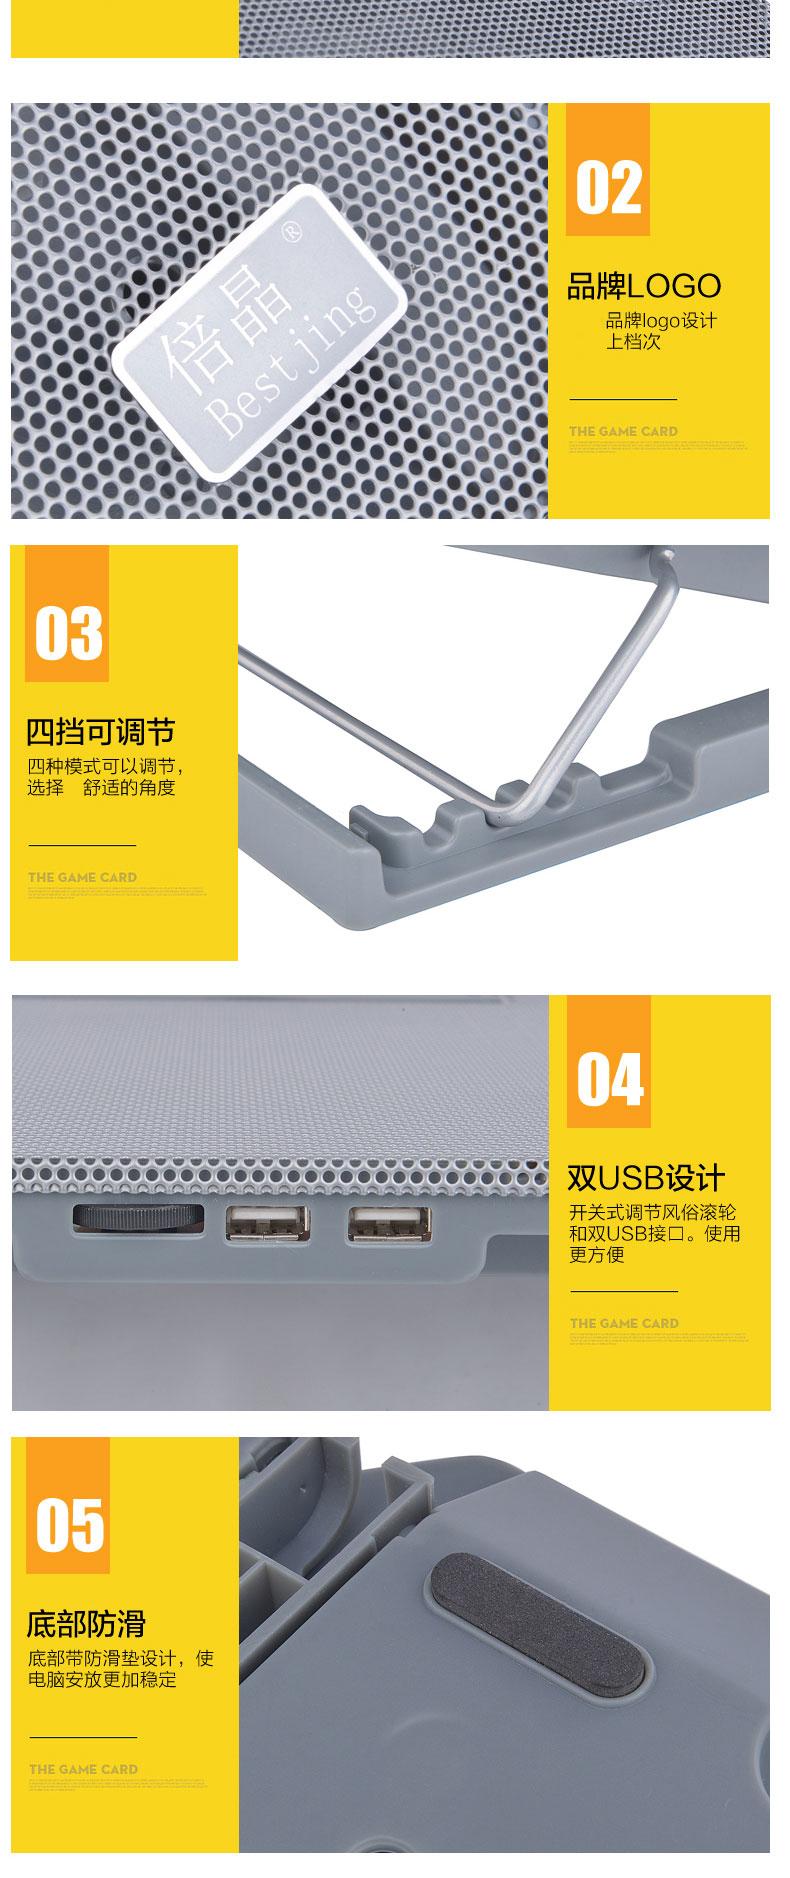 Đế tản nhiệt  Dell7000Inspiron1415xps13 USBUSB 倍晶散热器 - ảnh 7